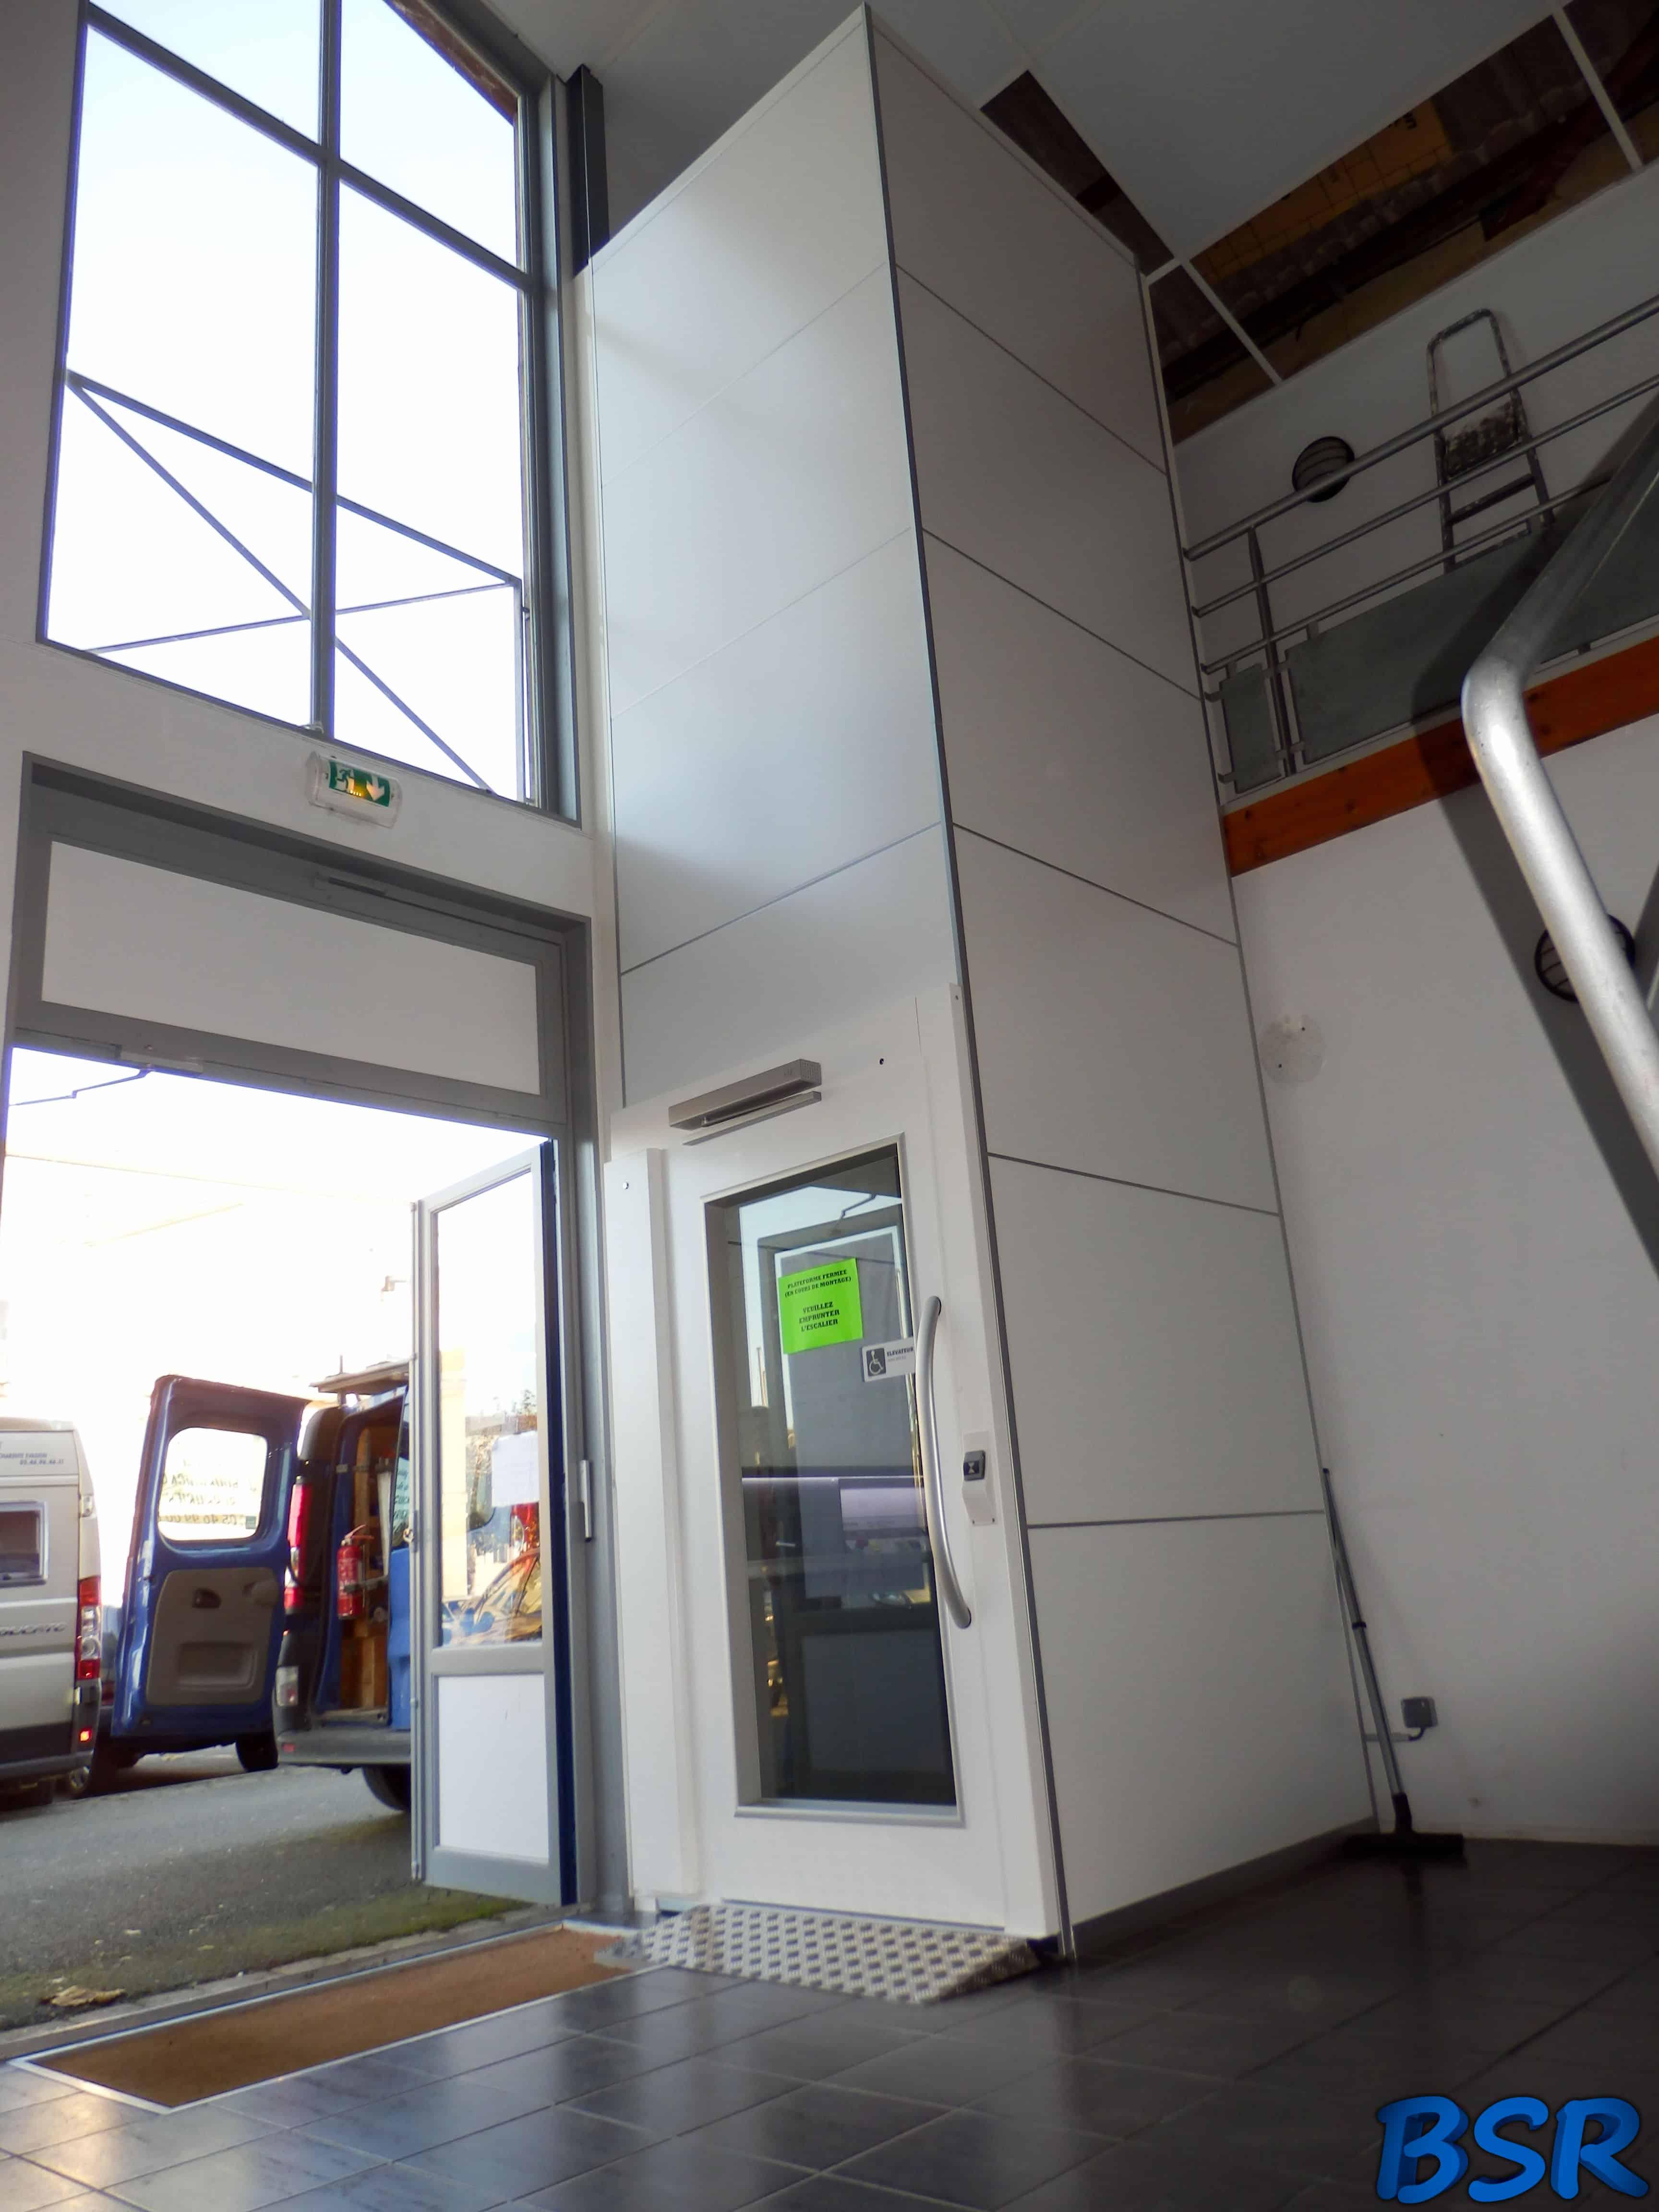 Platforme Elevatrice BSR 010